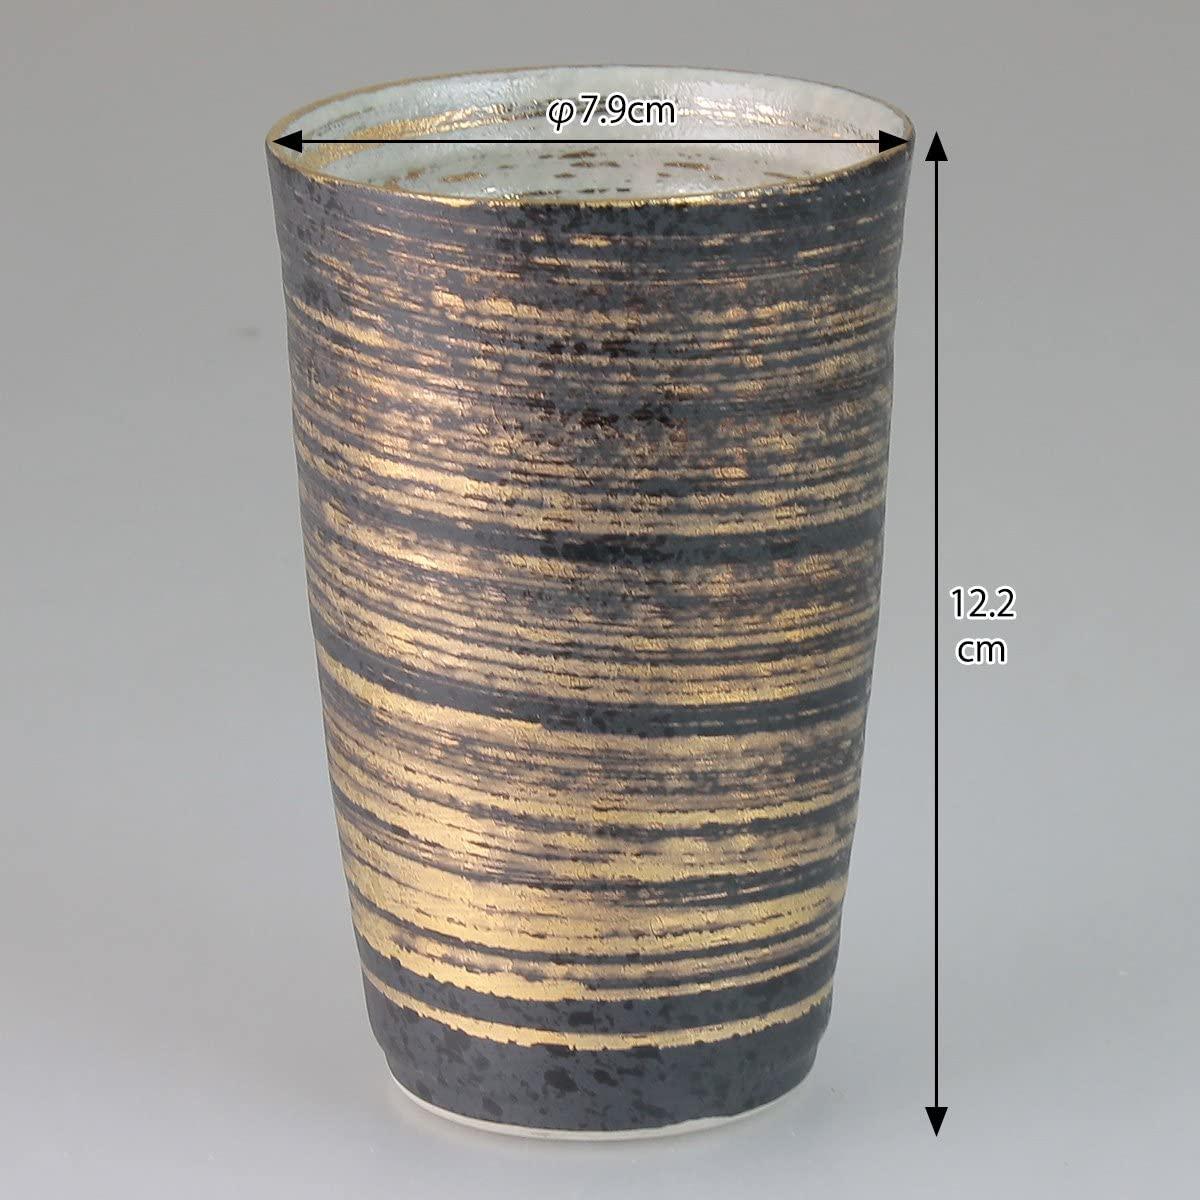 ランチャン陶酒杯 Φ7.9cmx12.2cmの商品画像2